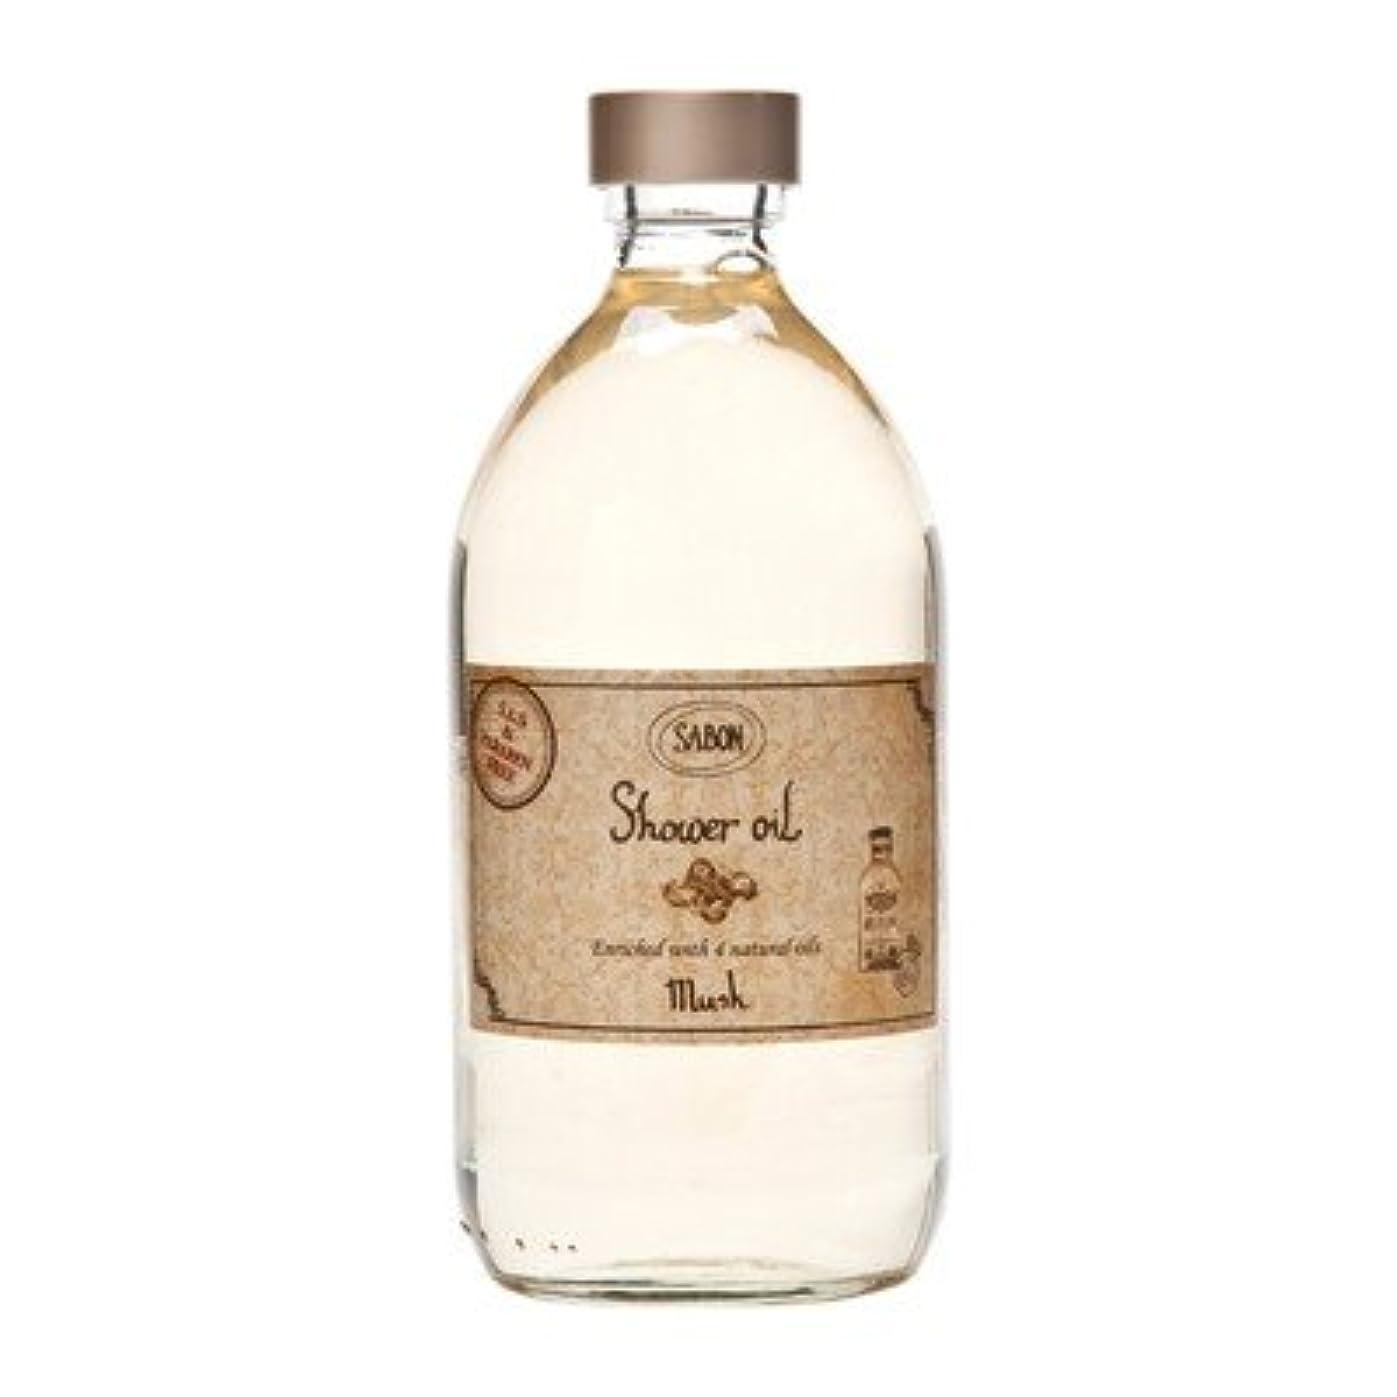 グロー南有料サボン シャワーオイル ムスク (ポンプ付) 500ml